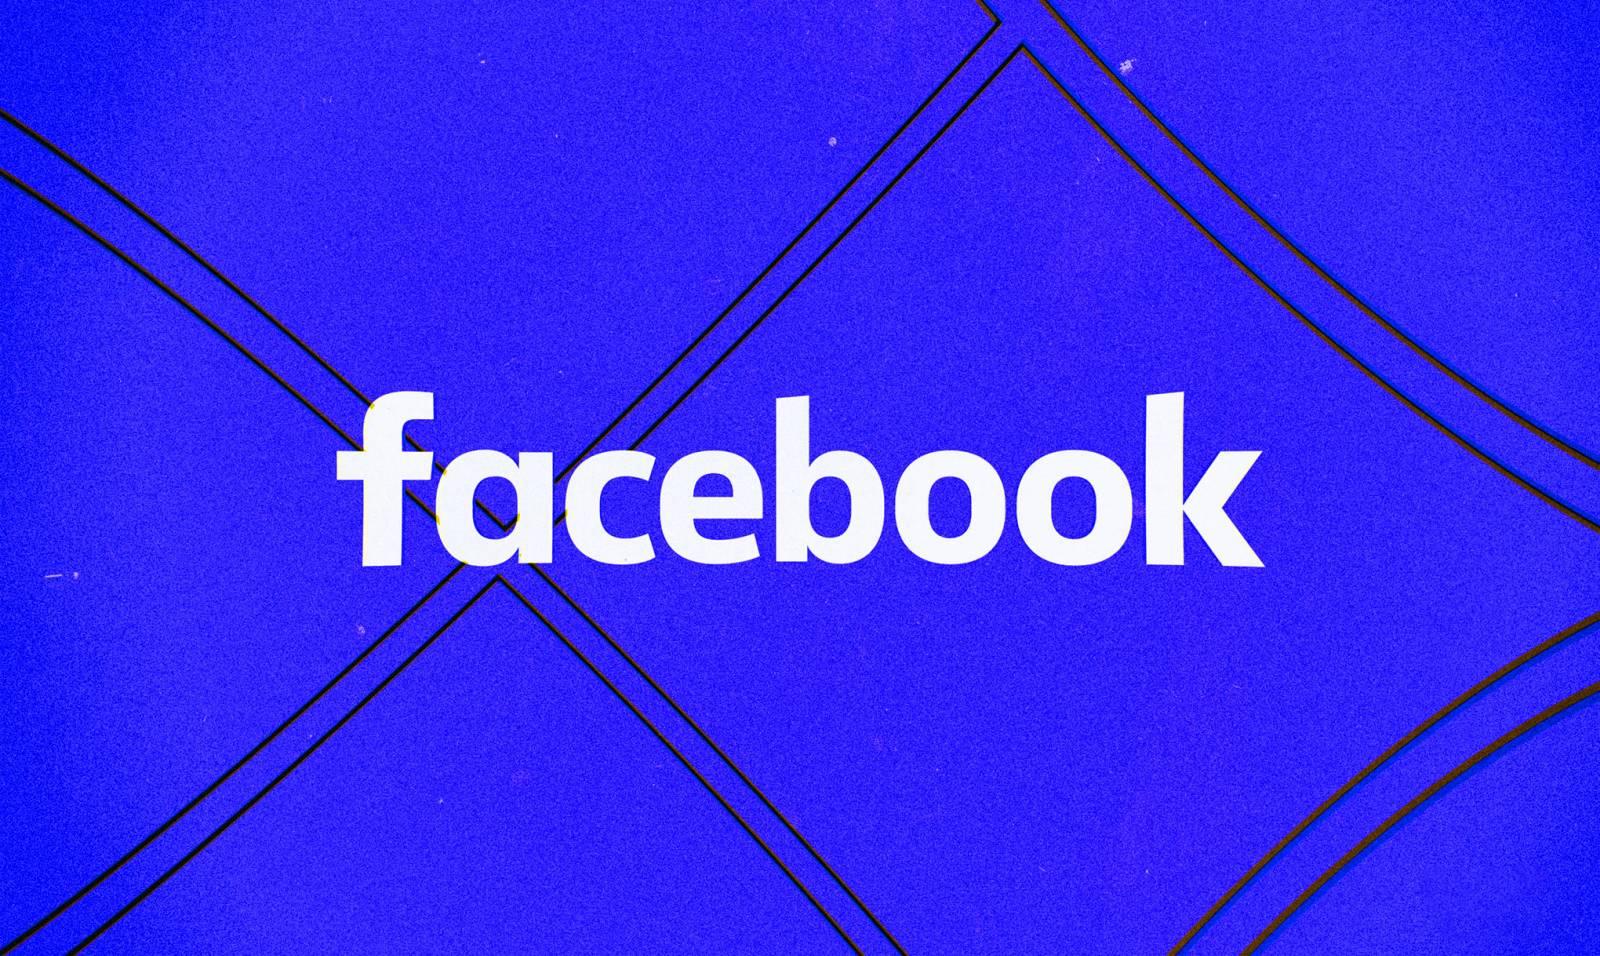 Facebook Update Nou Oferit pentru Telefoane si Tablete